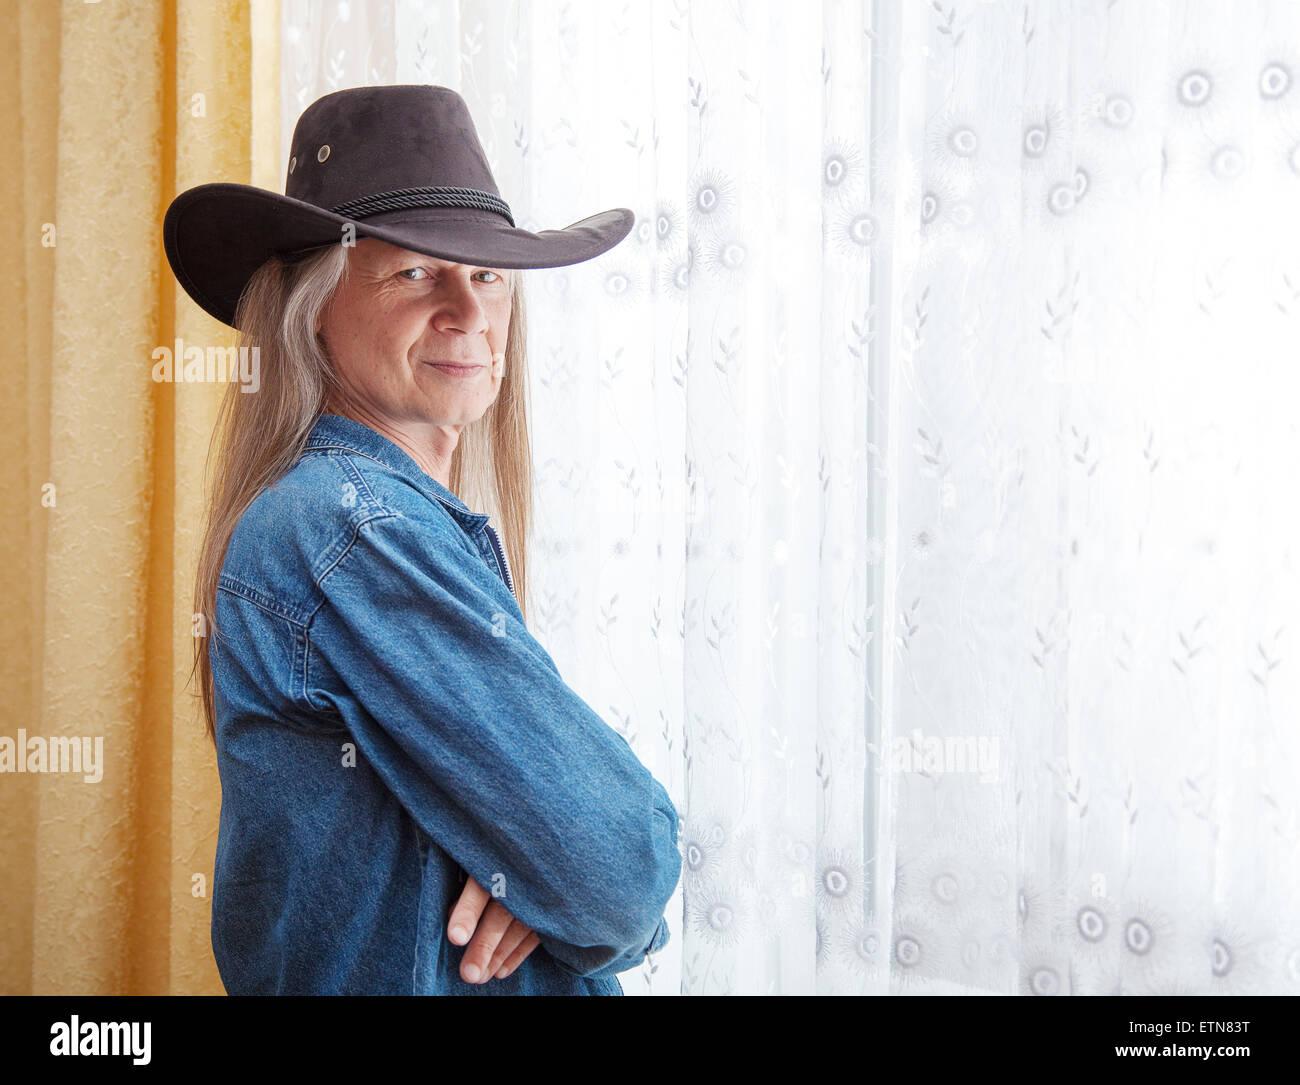 Ritratto di un uomo maturo con i capelli lunghi e un cappello da cowboy Immagini Stock